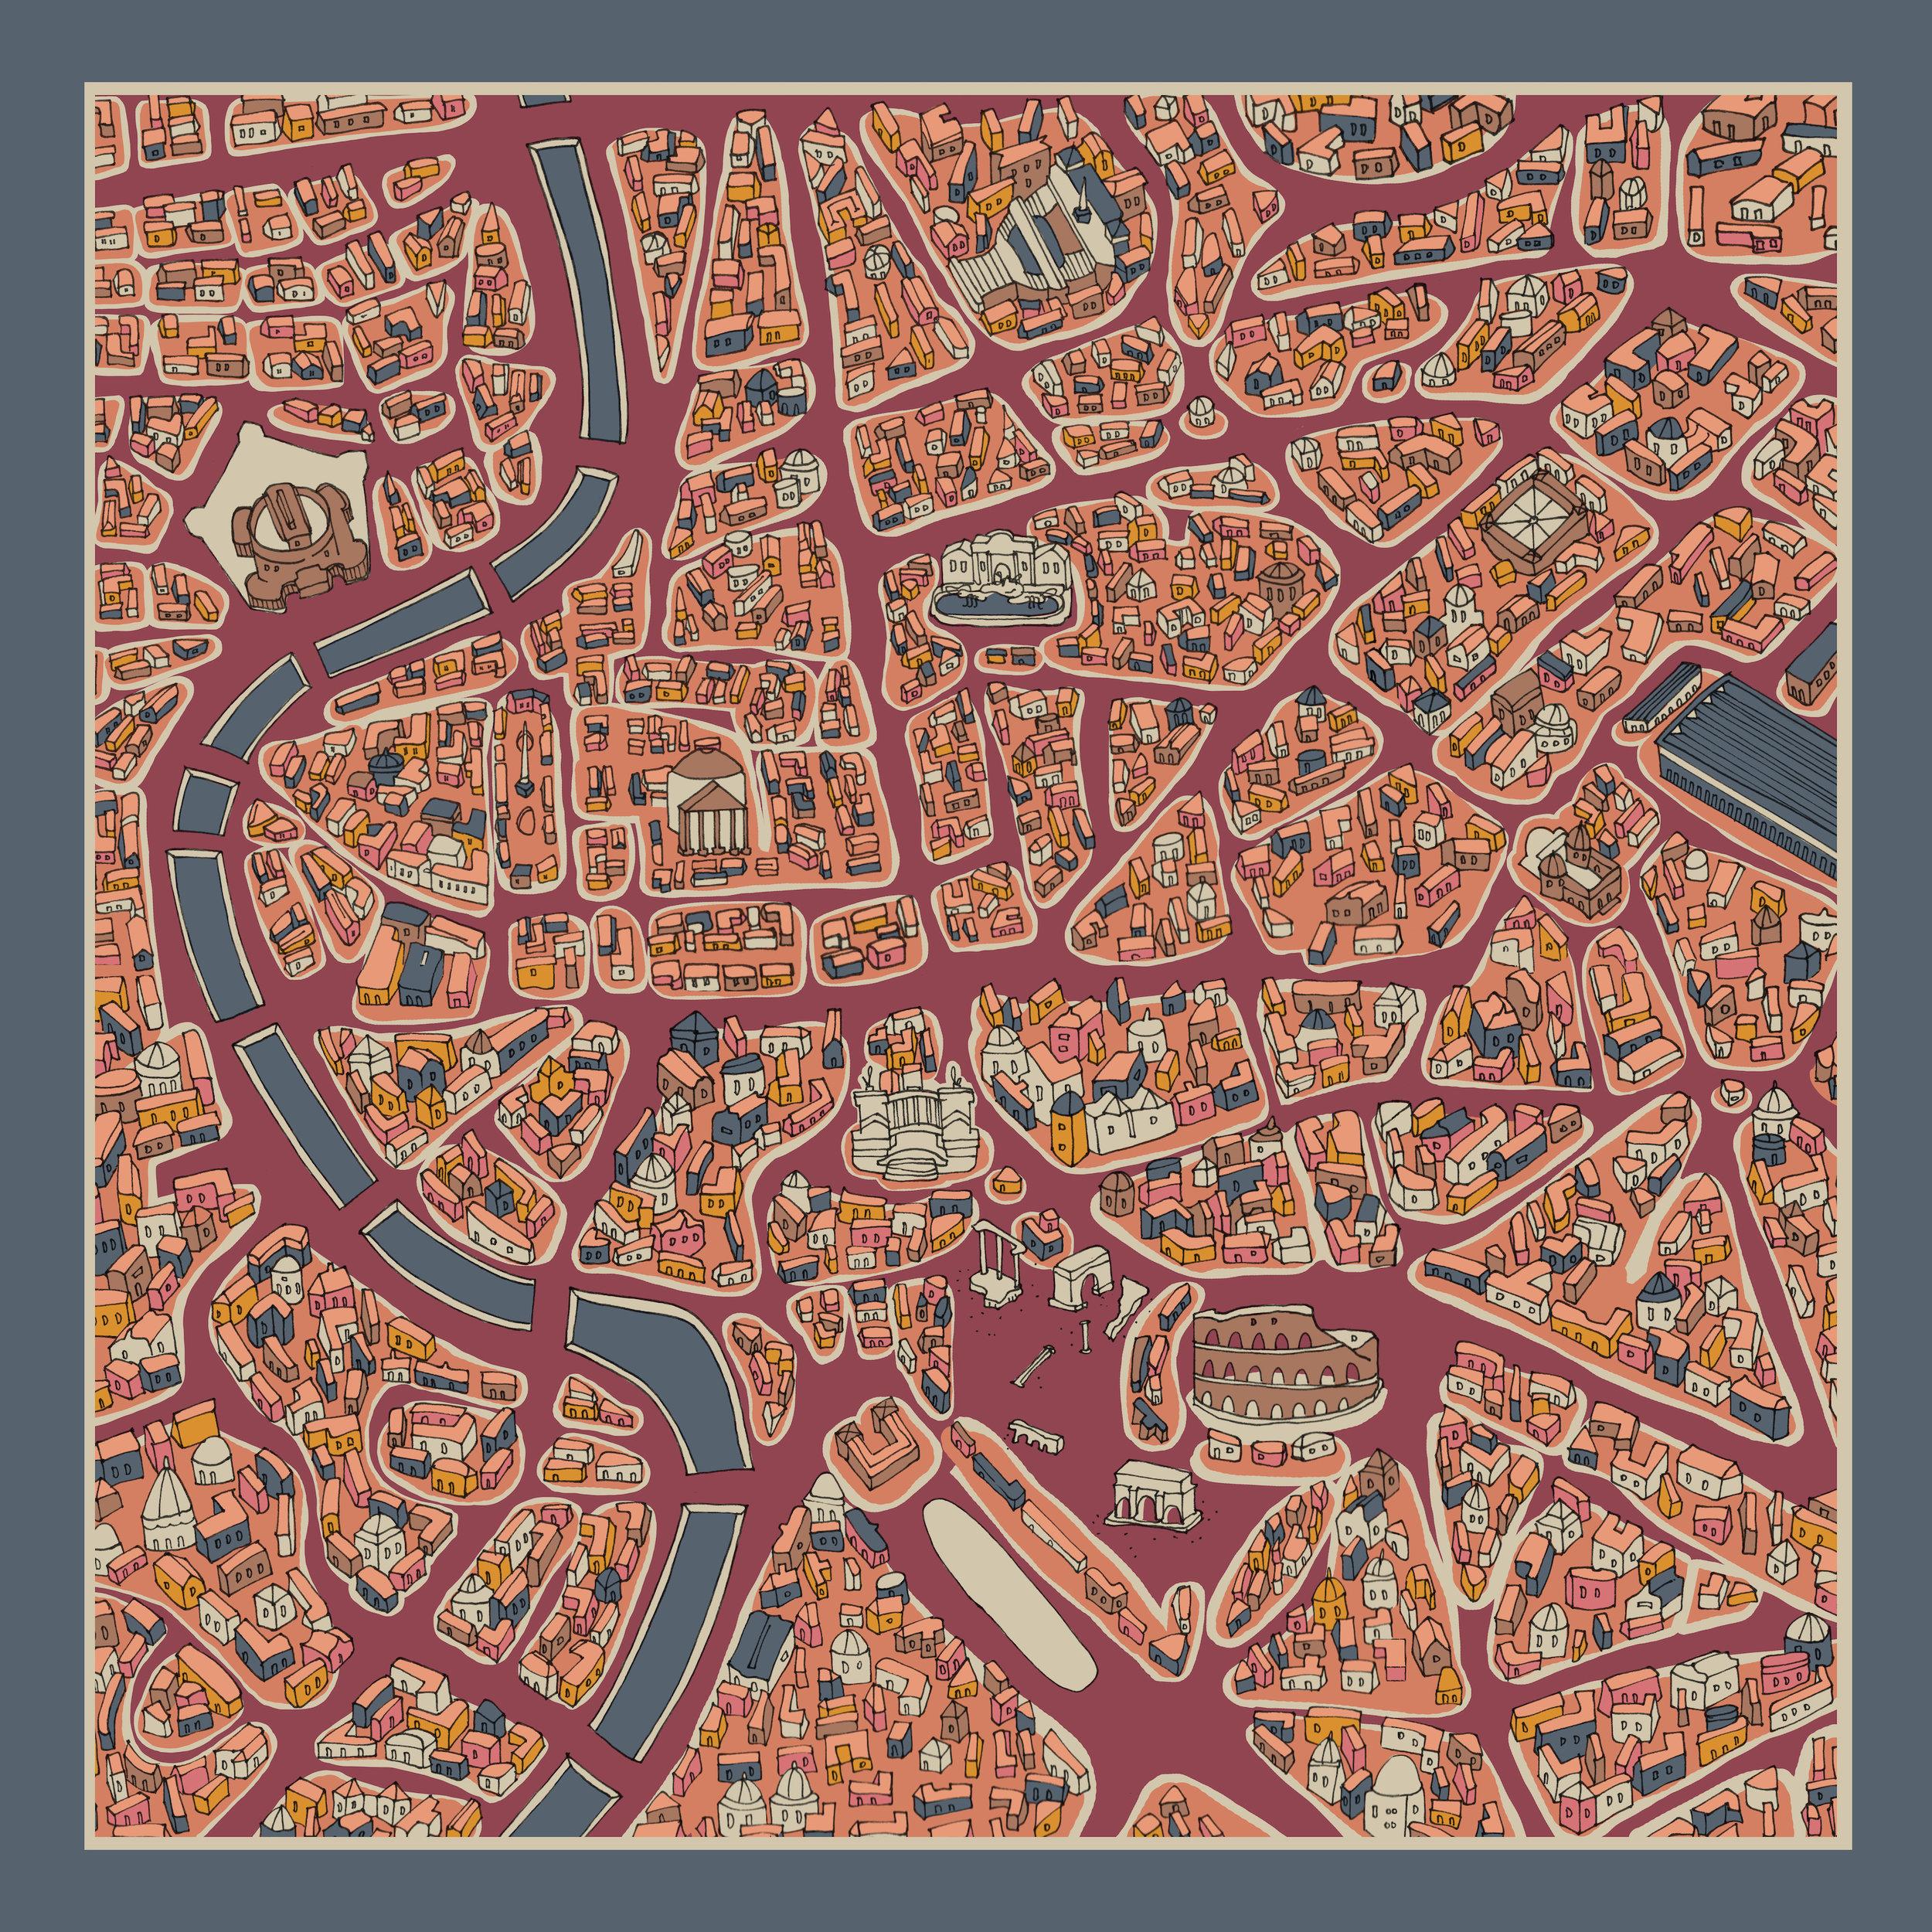 ROME_MeganMcKeanScarf.jpg